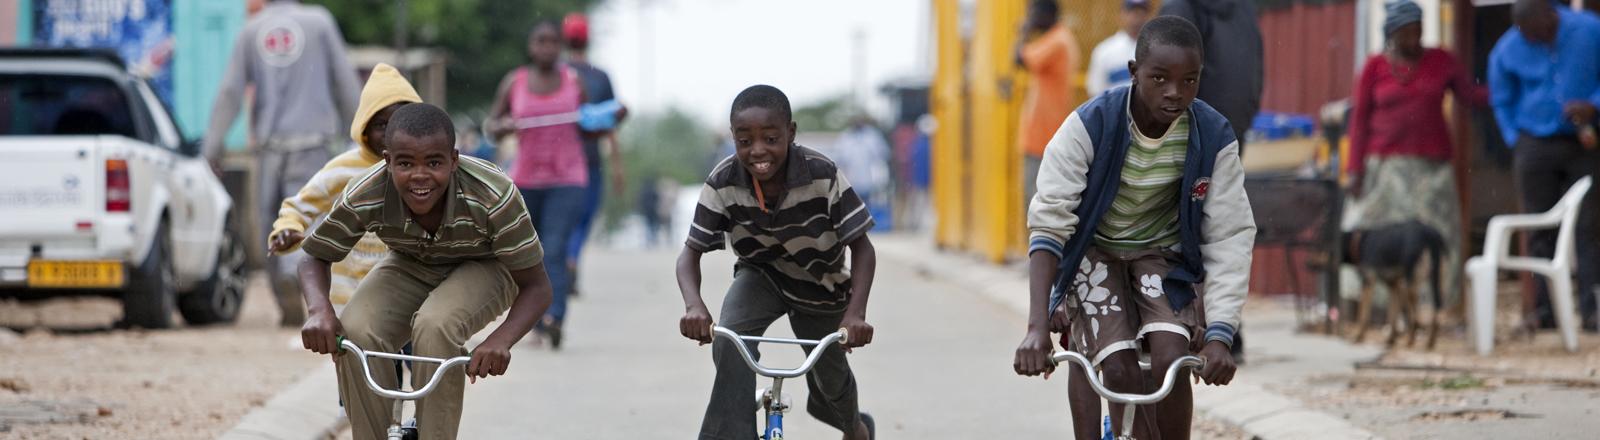 Straßenszene im Stadteil Katutura, dem groessten Township Windhoeks, aufgenommen am 04.02.2013.